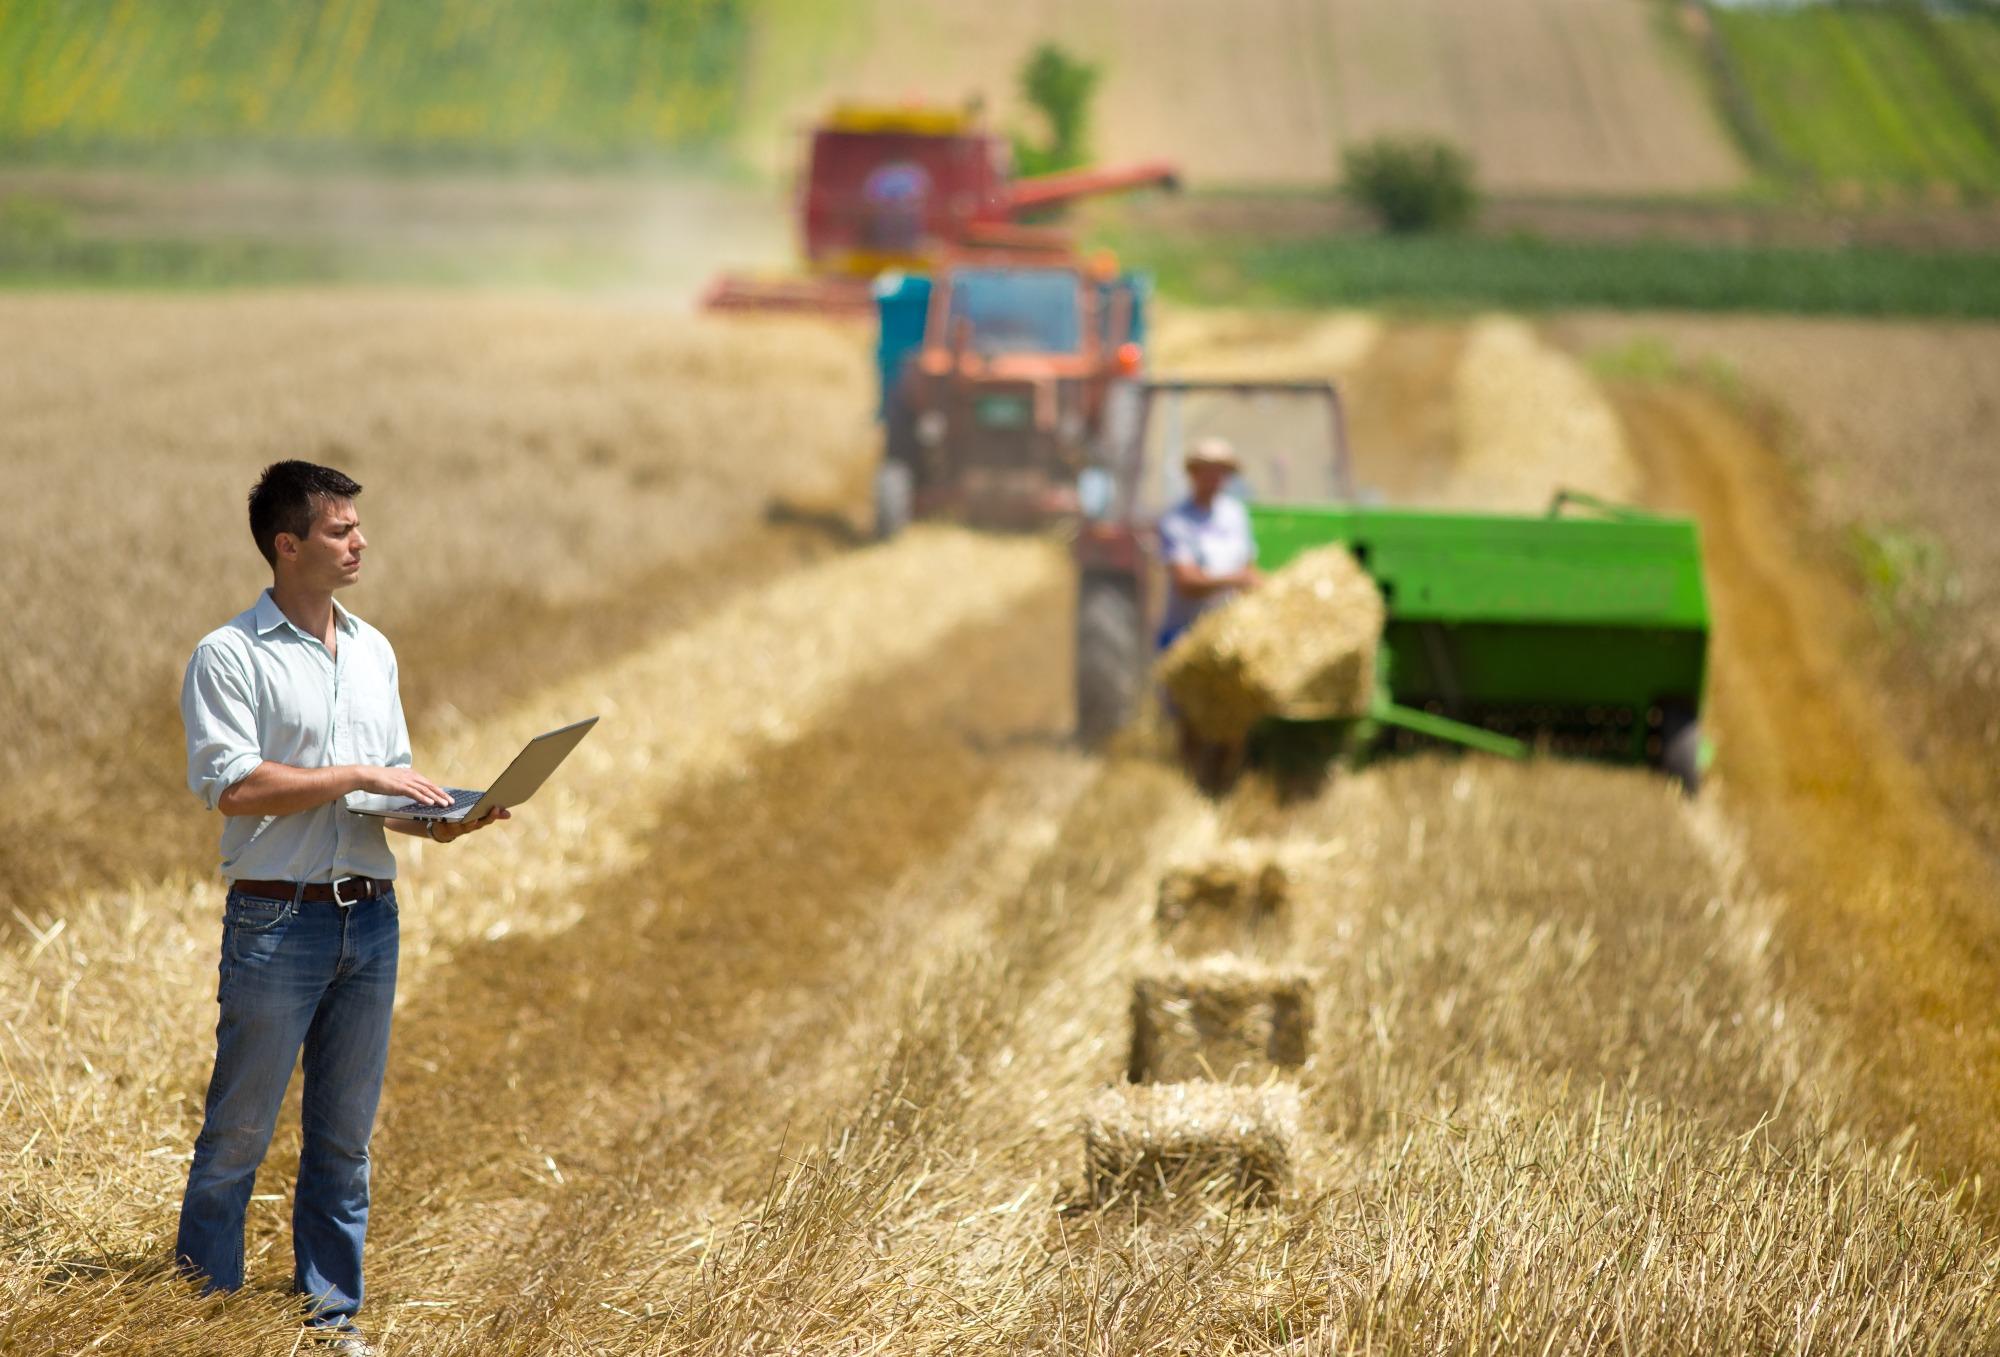 Cinco grandes desafios do agronegócio na era digital